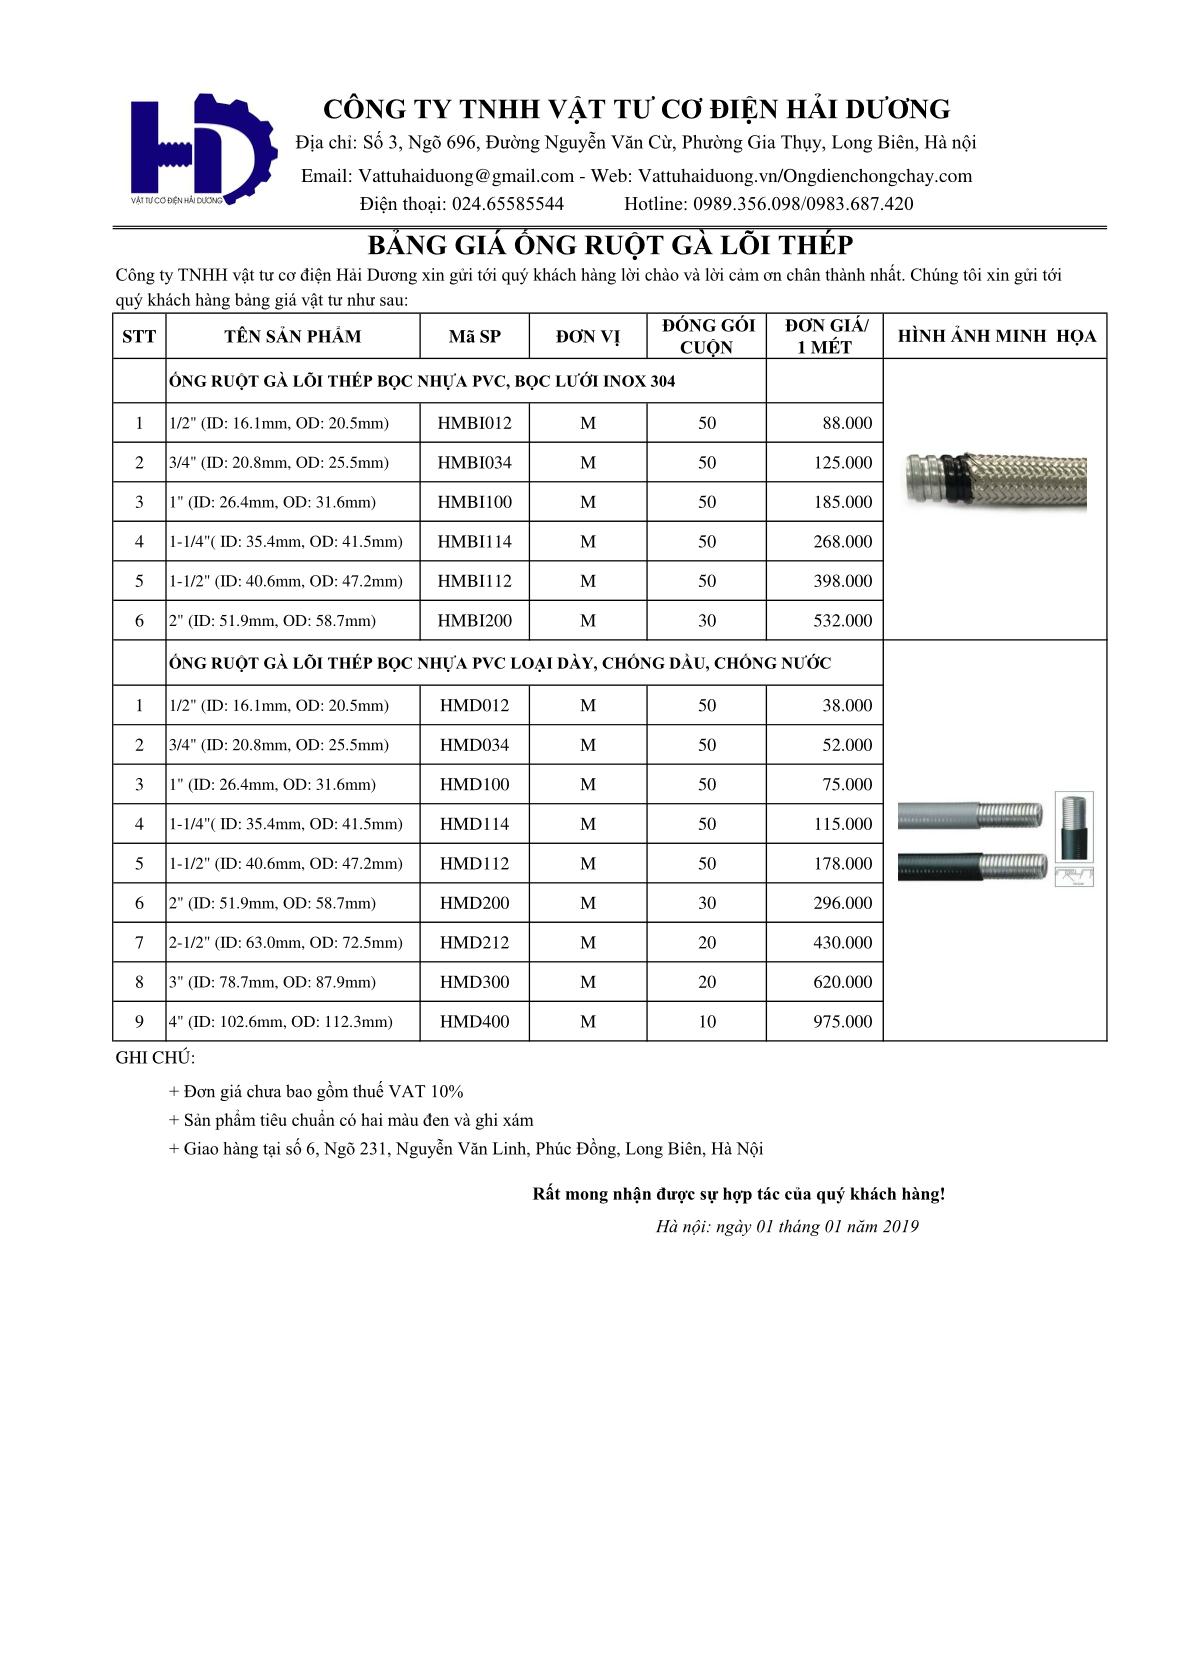 bảng giá ống ruột gà lõi thép inox 304